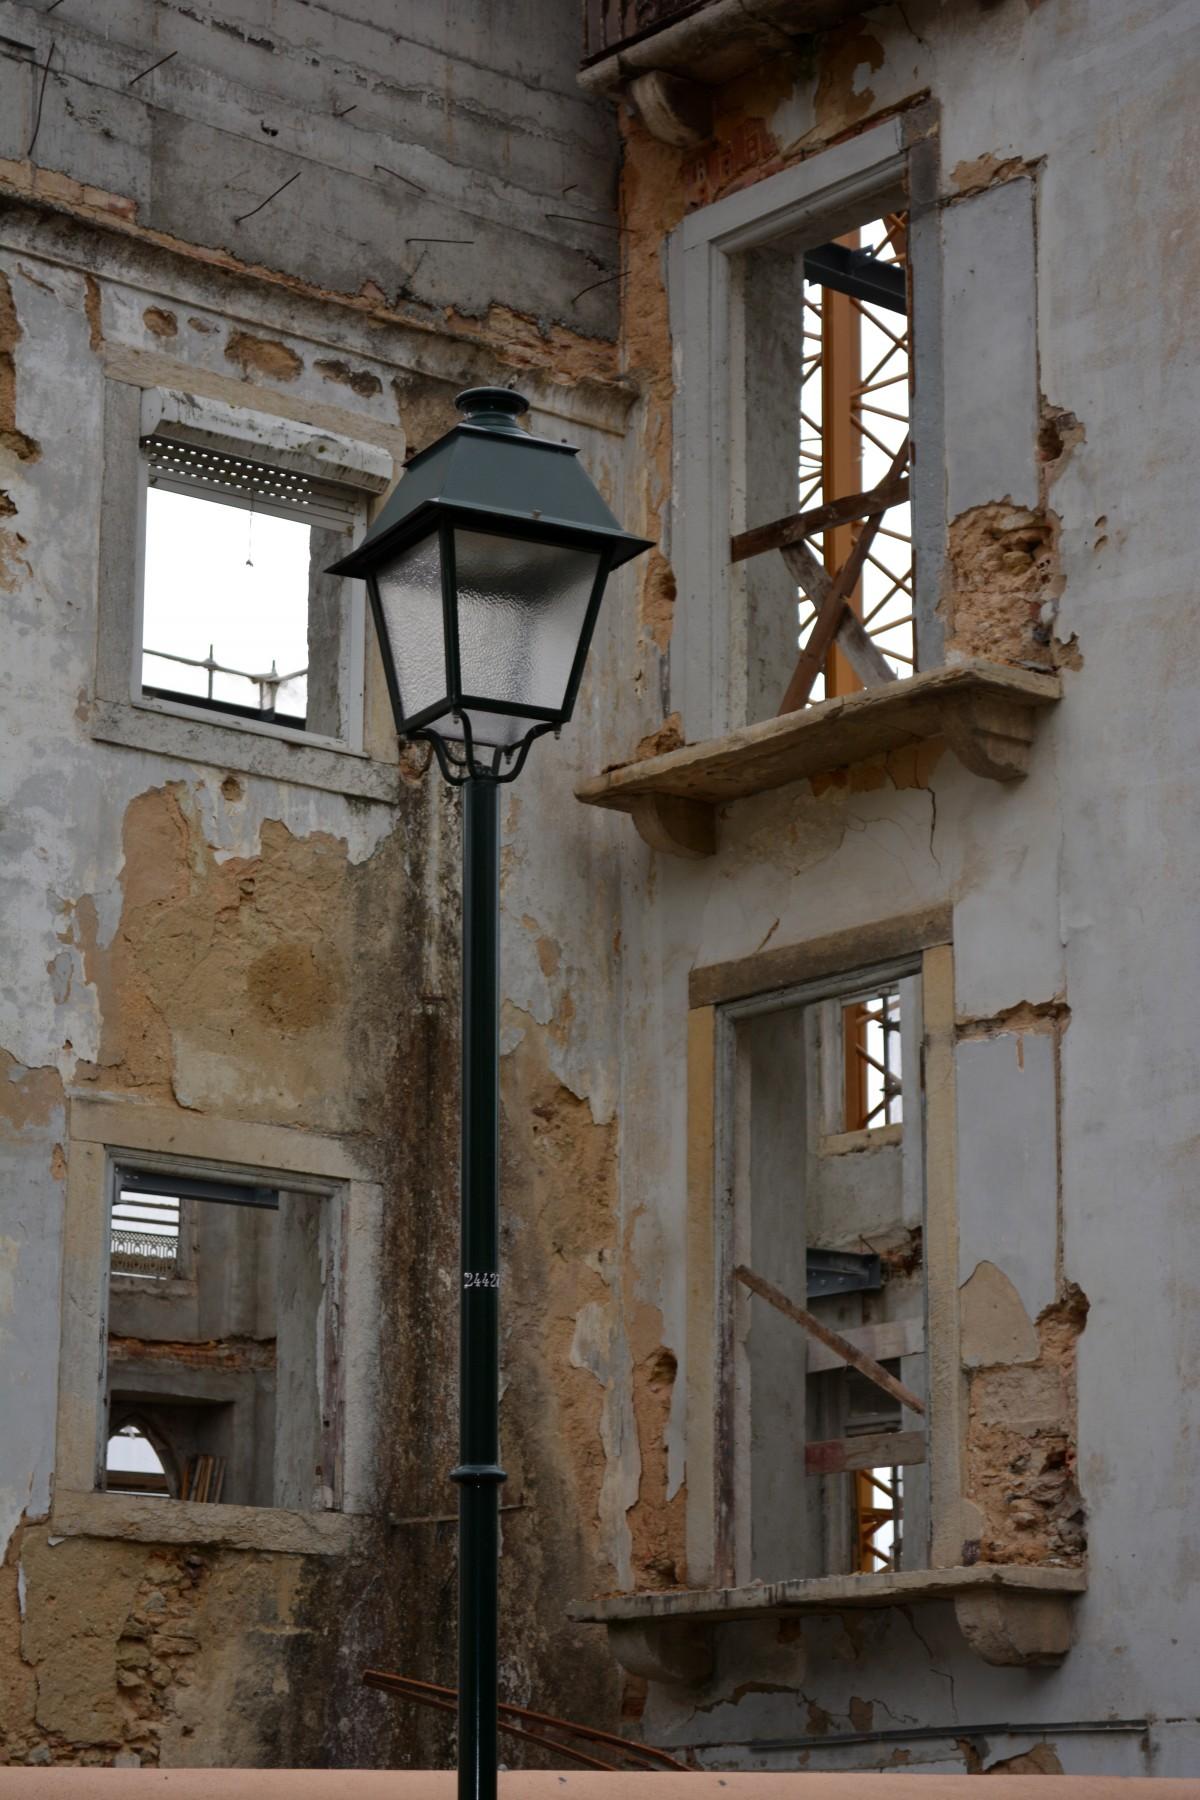 images gratuites lumi re architecture bois route rue maison fen tre b timent vieux. Black Bedroom Furniture Sets. Home Design Ideas